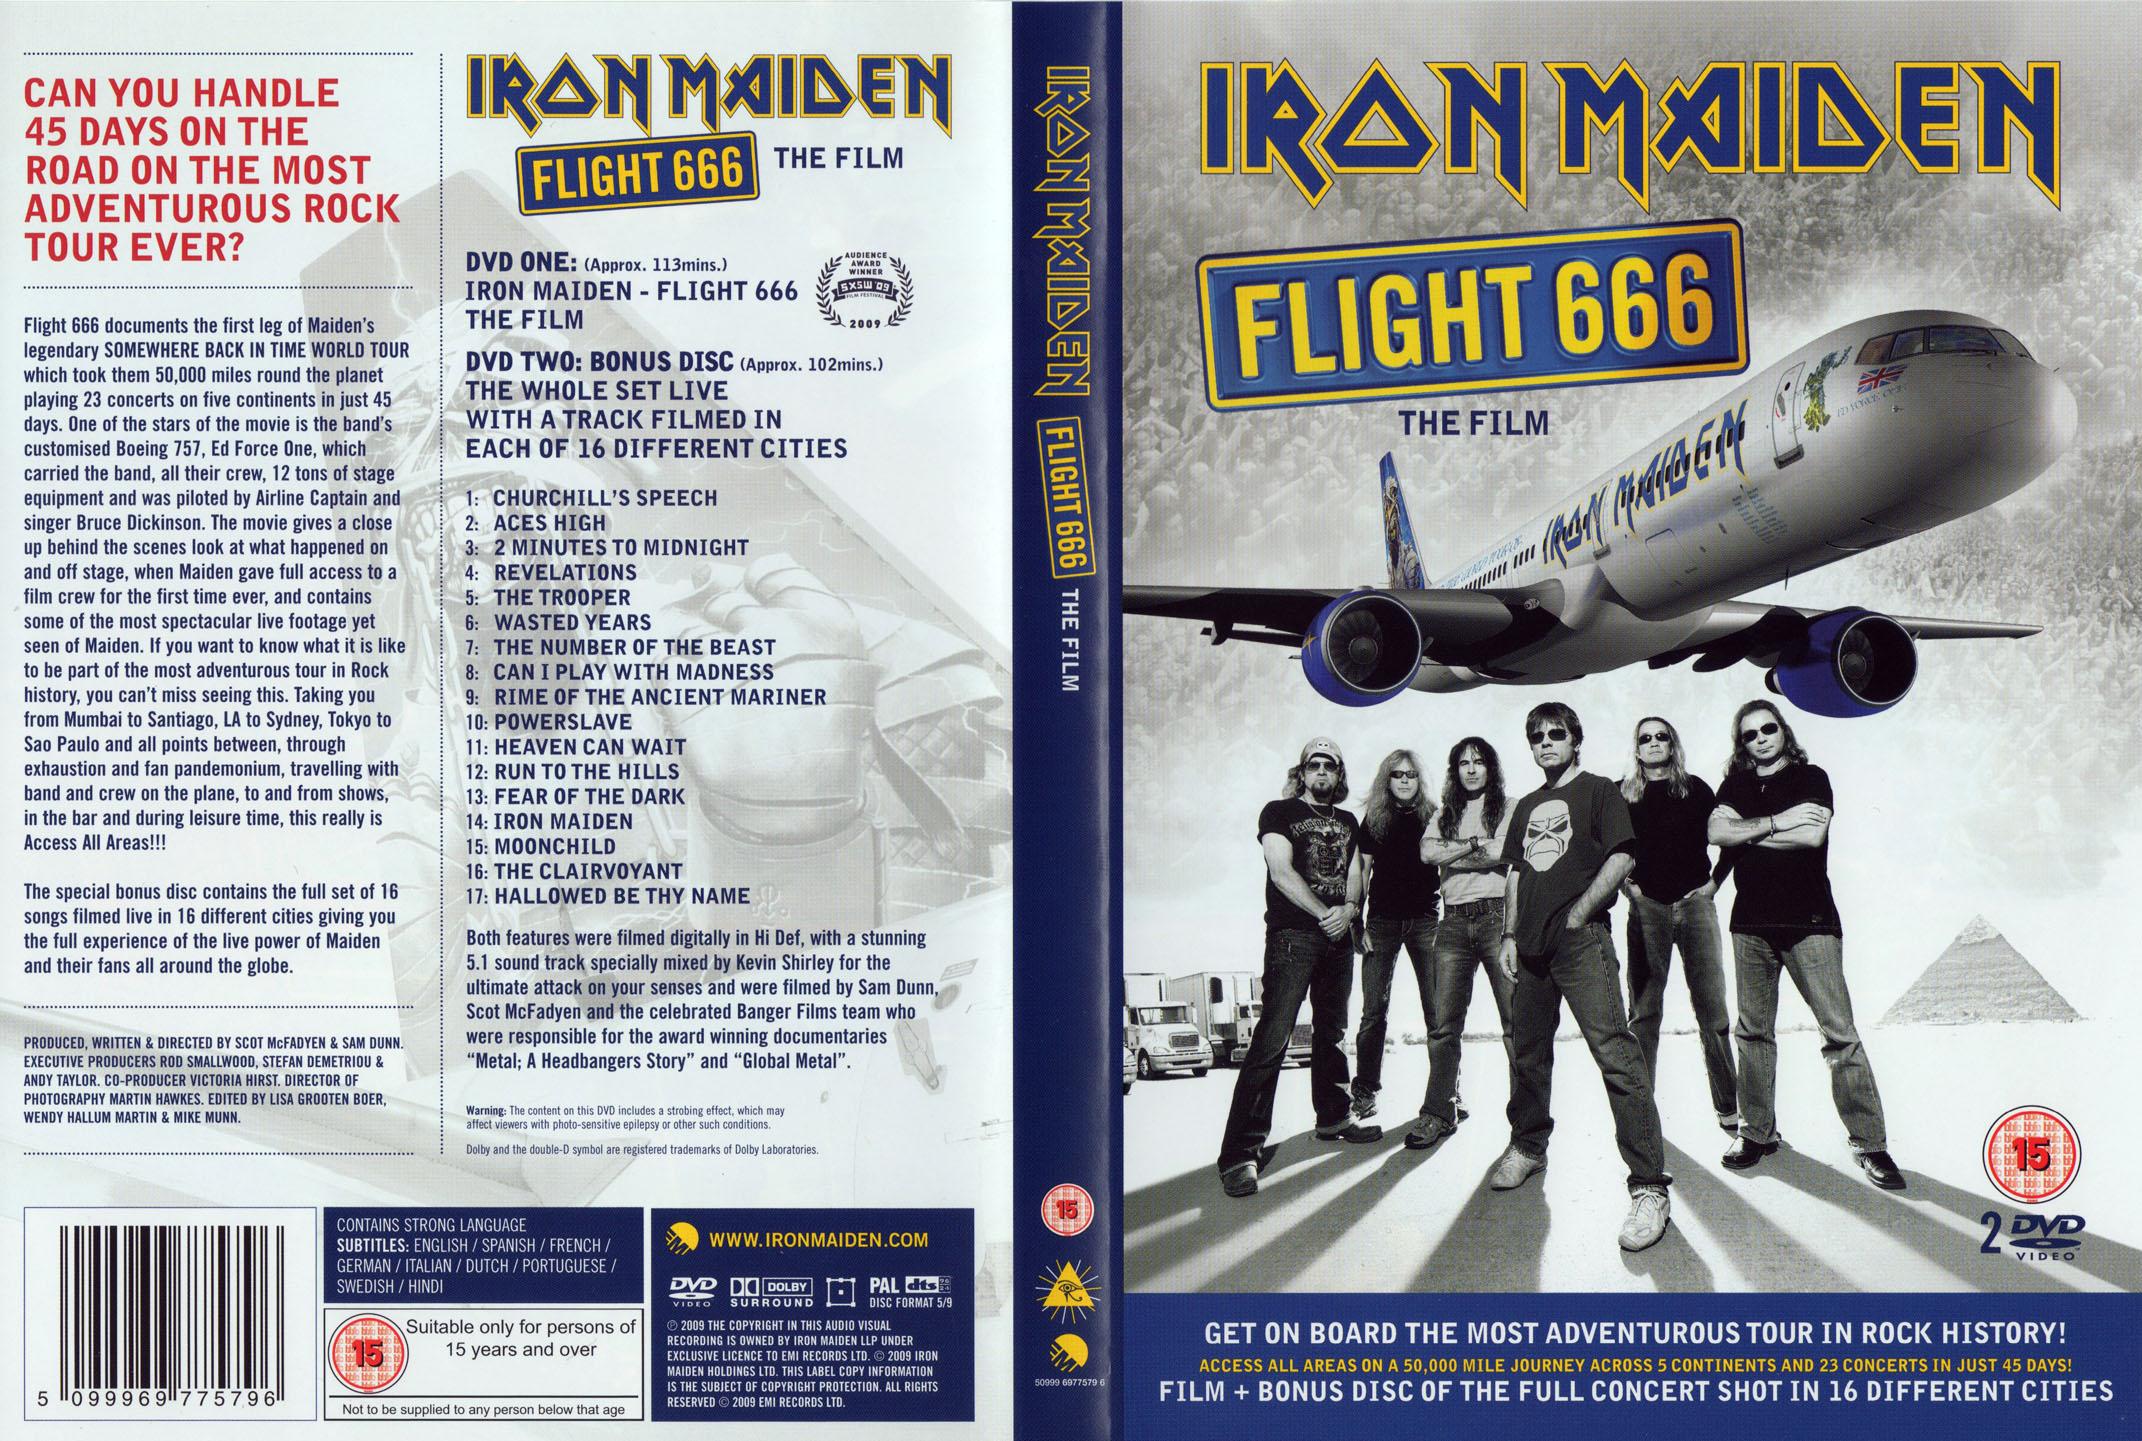 ¿Documentales de/sobre rock? - Página 3 Iron_Maiden-Flight_666_(DVD)-Caratula